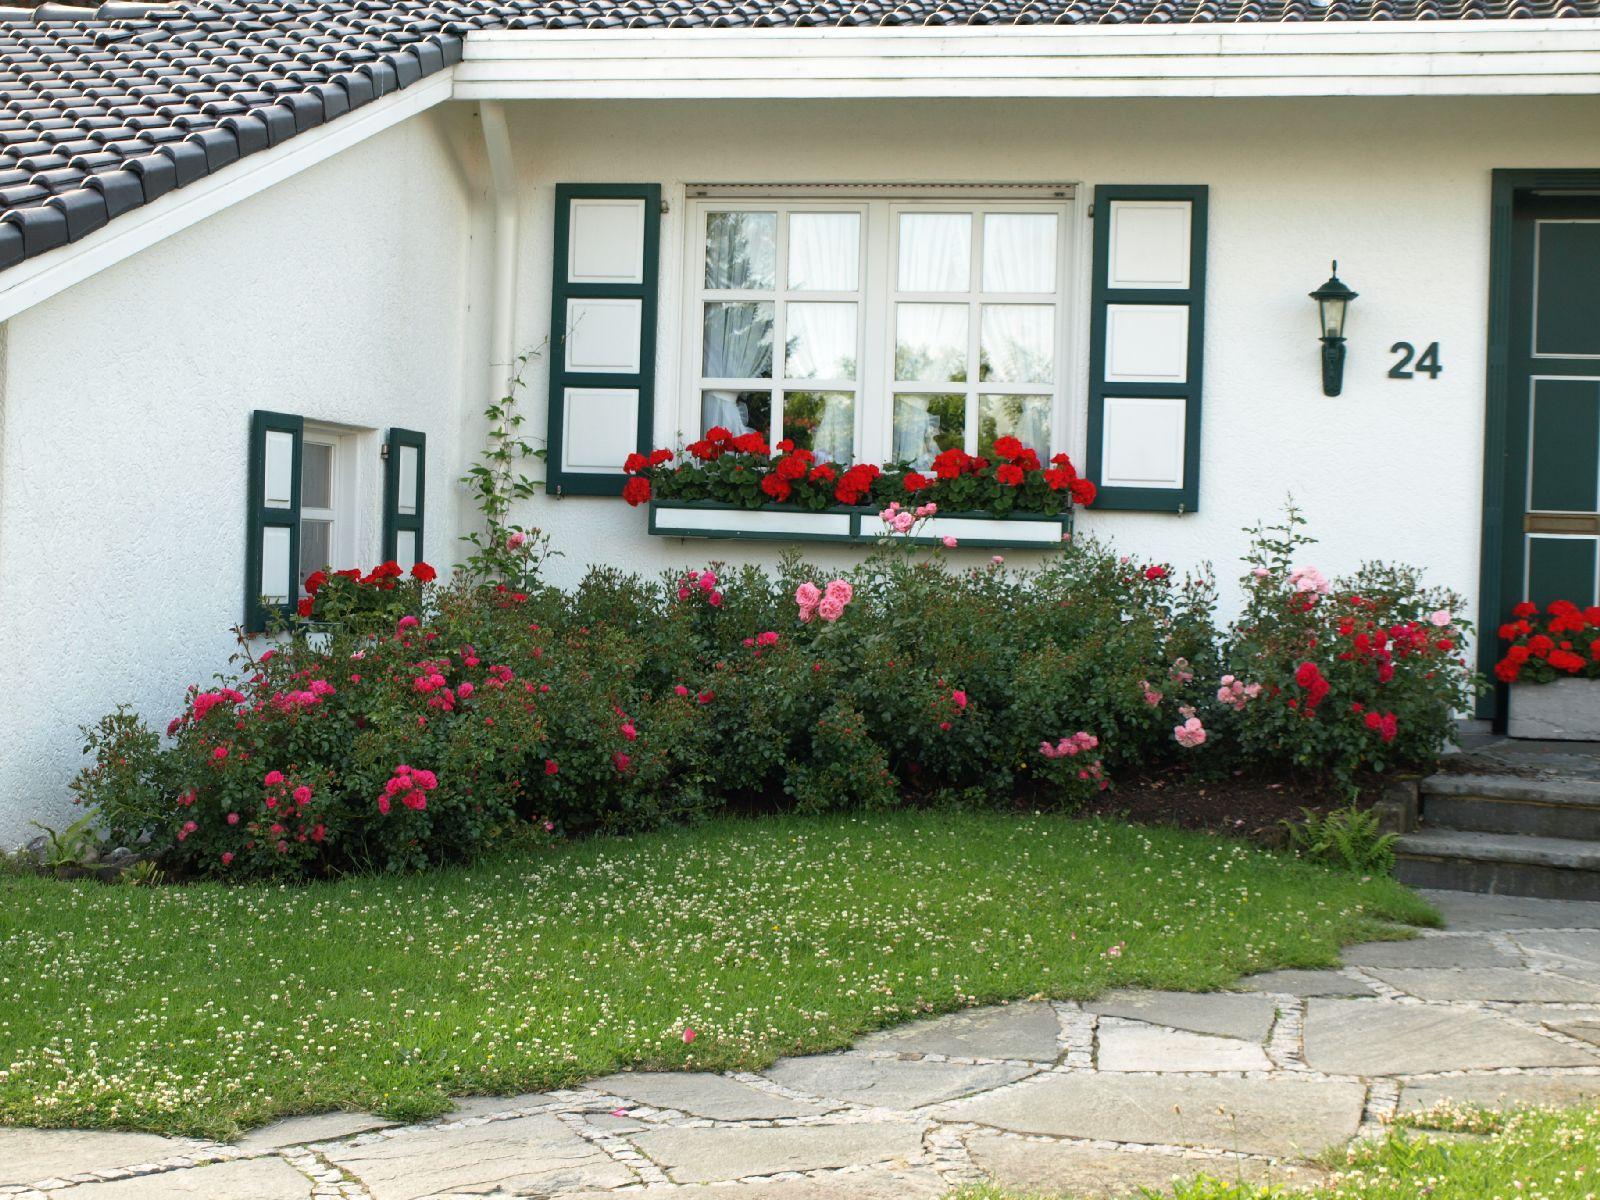 Pflanzen-Blumen-Foto_Textur_B_P6293860